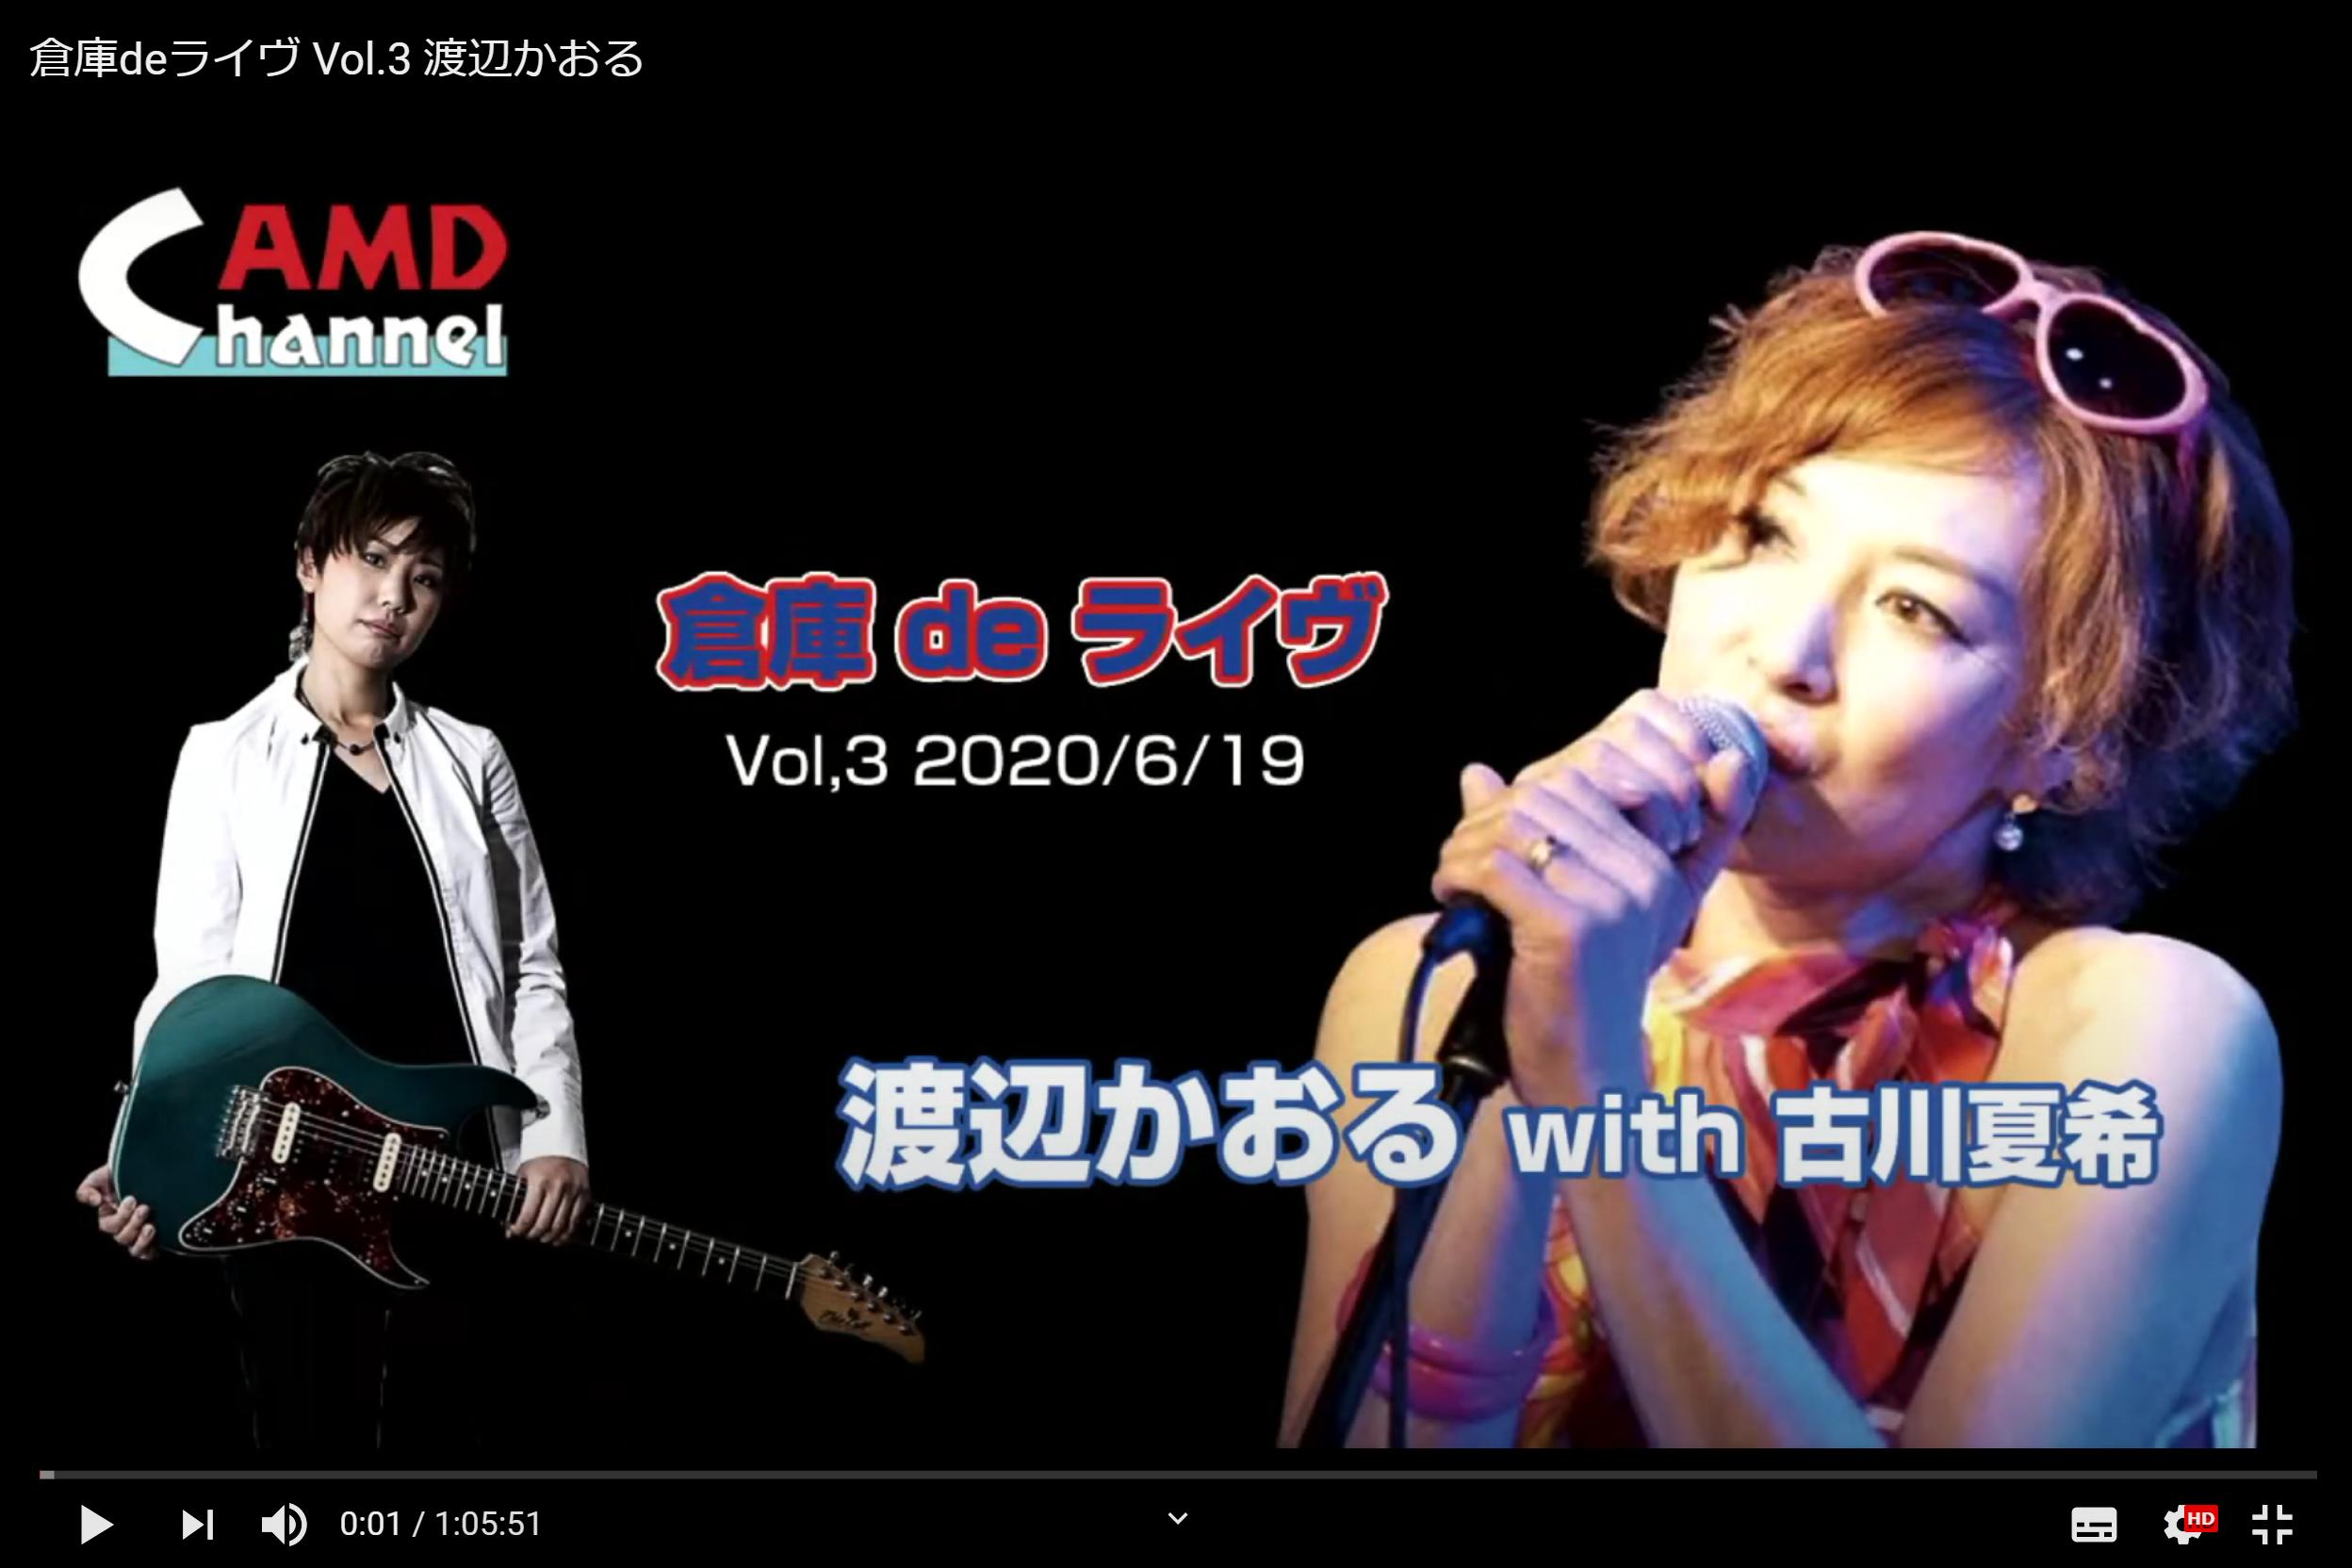 倉庫deライヴ Vol.3 渡辺かおる【DVD】